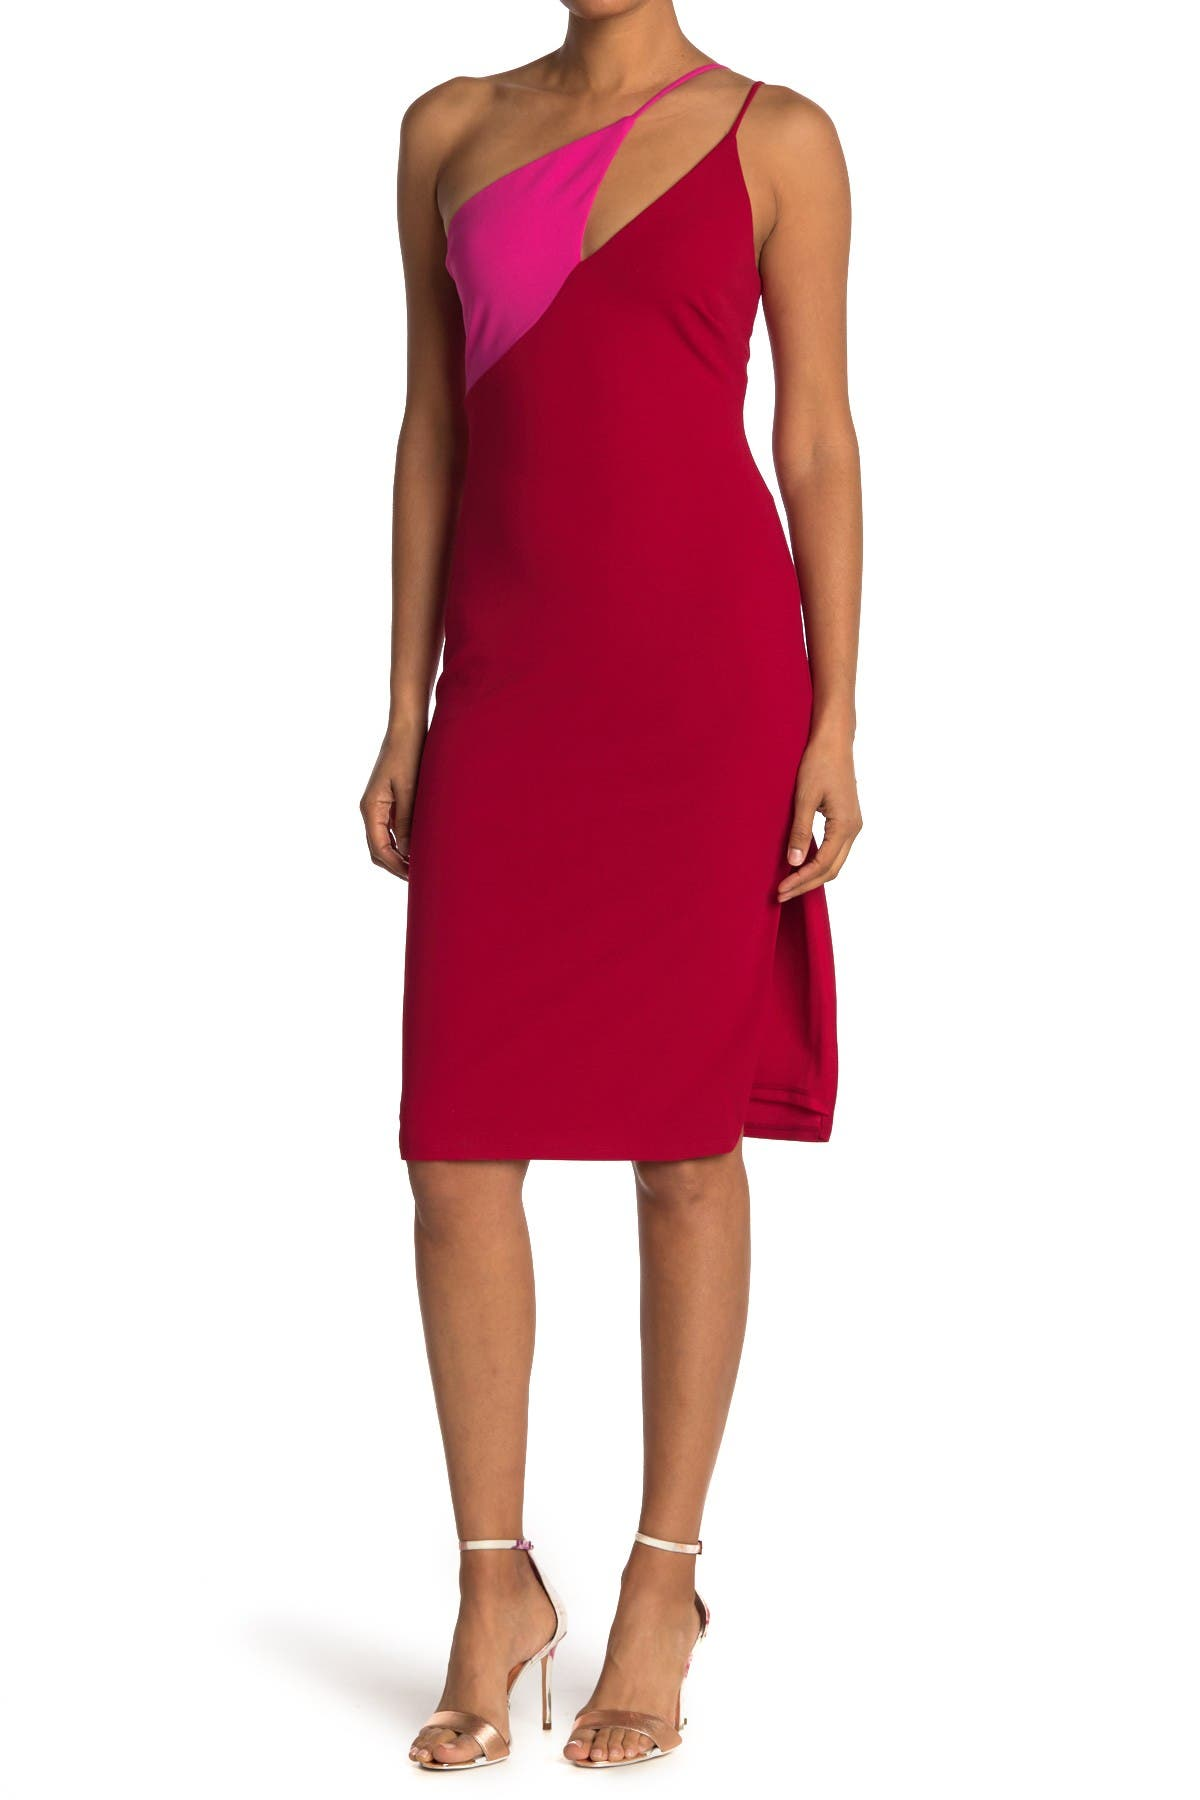 Image of bebe One Shoulder Colorblock Dress